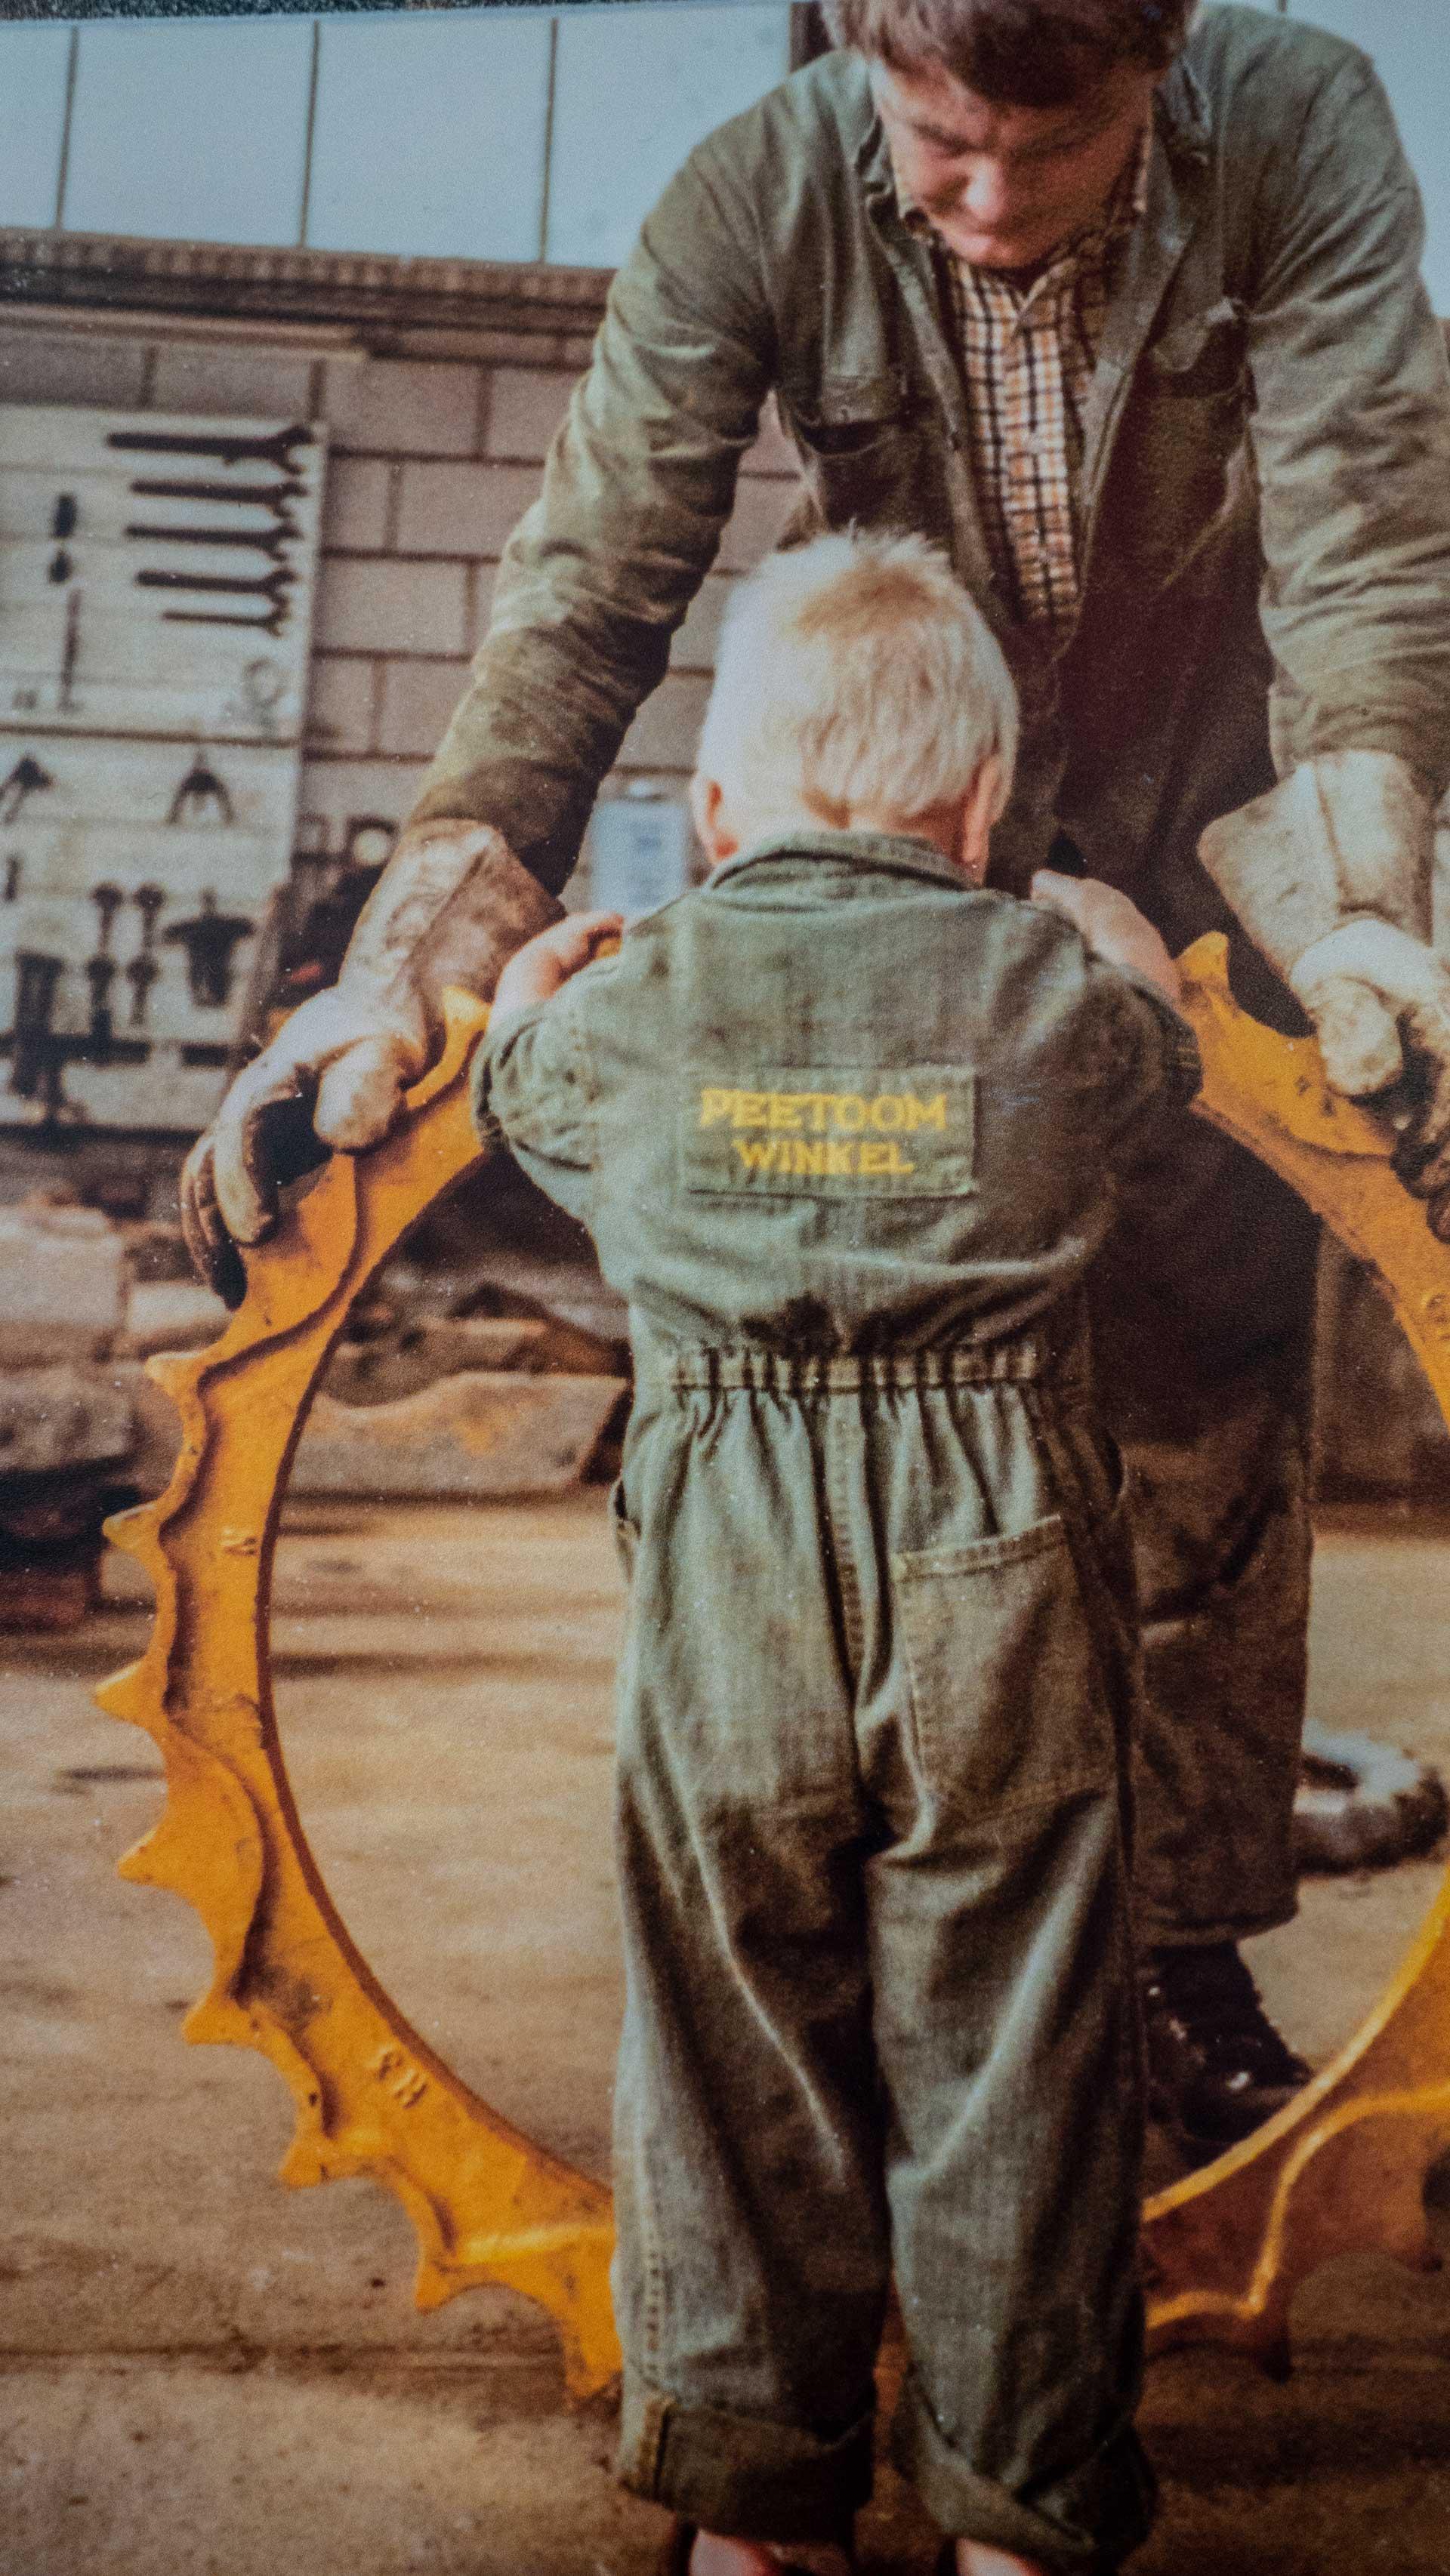 Simon Peetoom with his Father Piet-Wim Peetoom